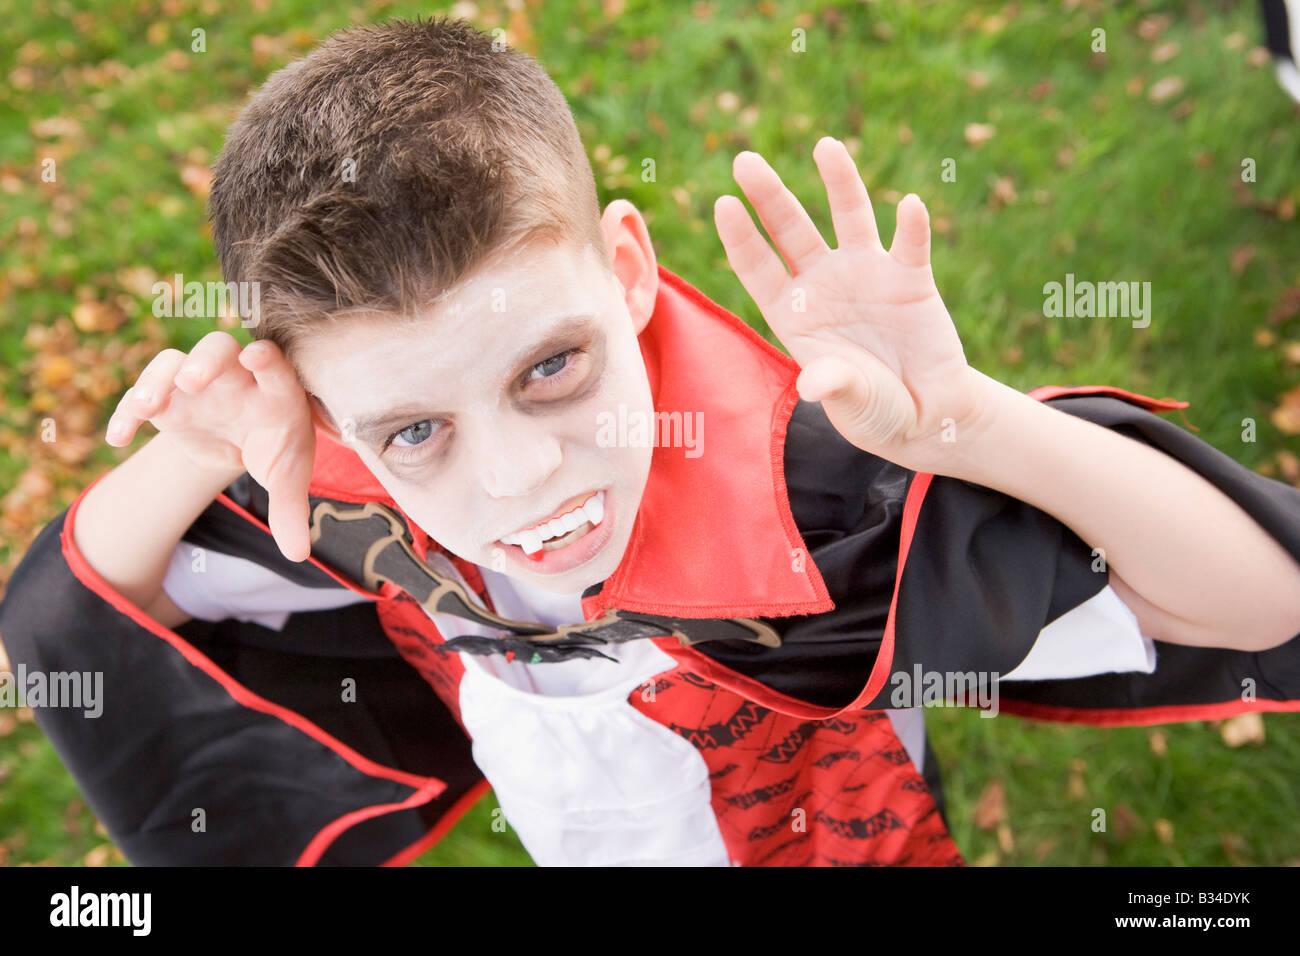 Jeune garçon à l'extérieur portant sur Halloween Costume vampire Photo Stock